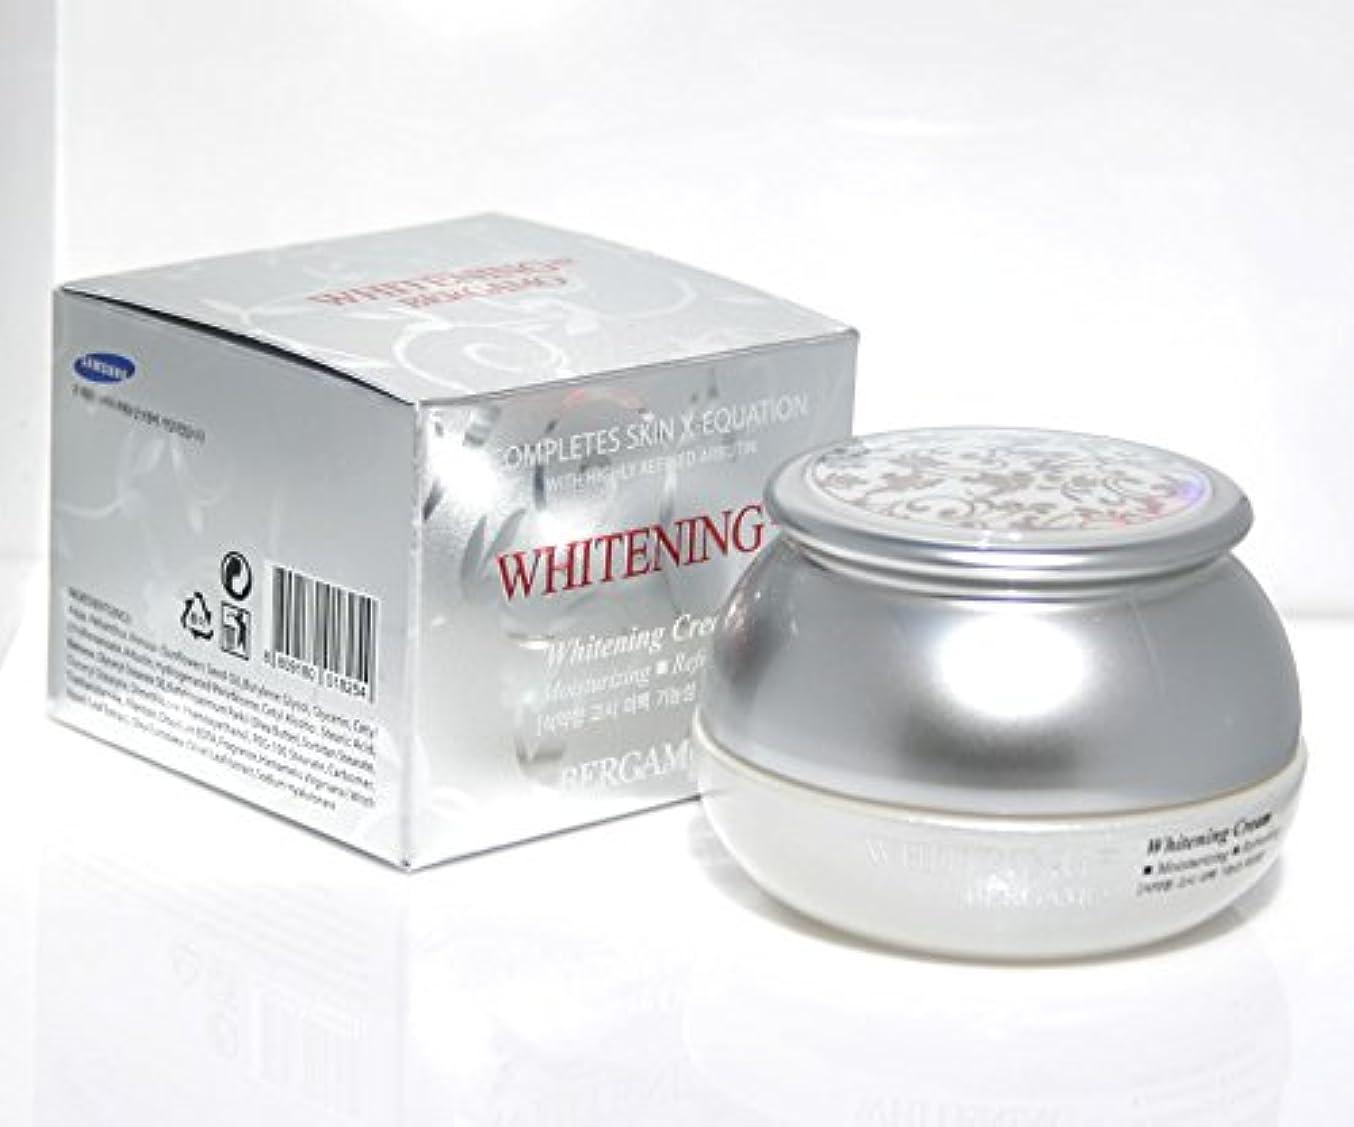 クランシーフェローシップ出席【ベルガモ][Bergamo]  は、高度に精製アルブチンホワイトニング例クリーム50g /  Completes Skin X-equation with Highly Refined Albutin Whitening...